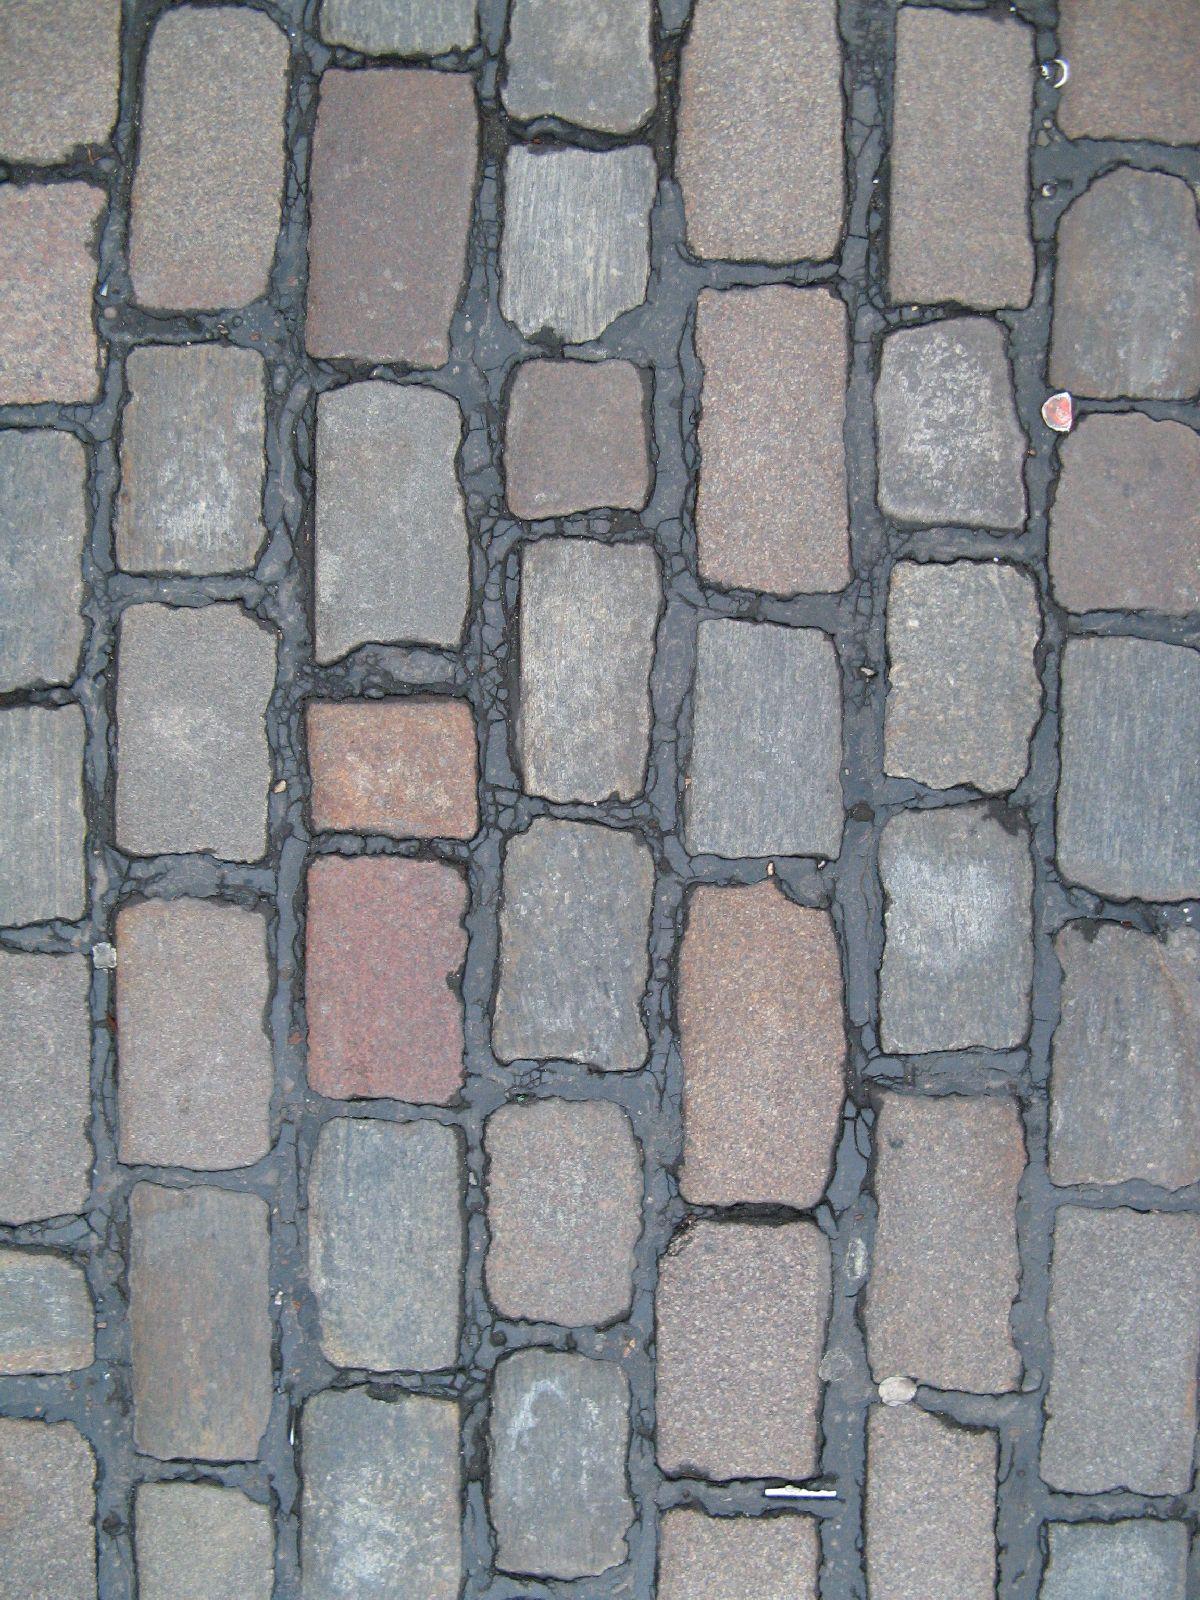 Ground-Urban_Texture_B_1450